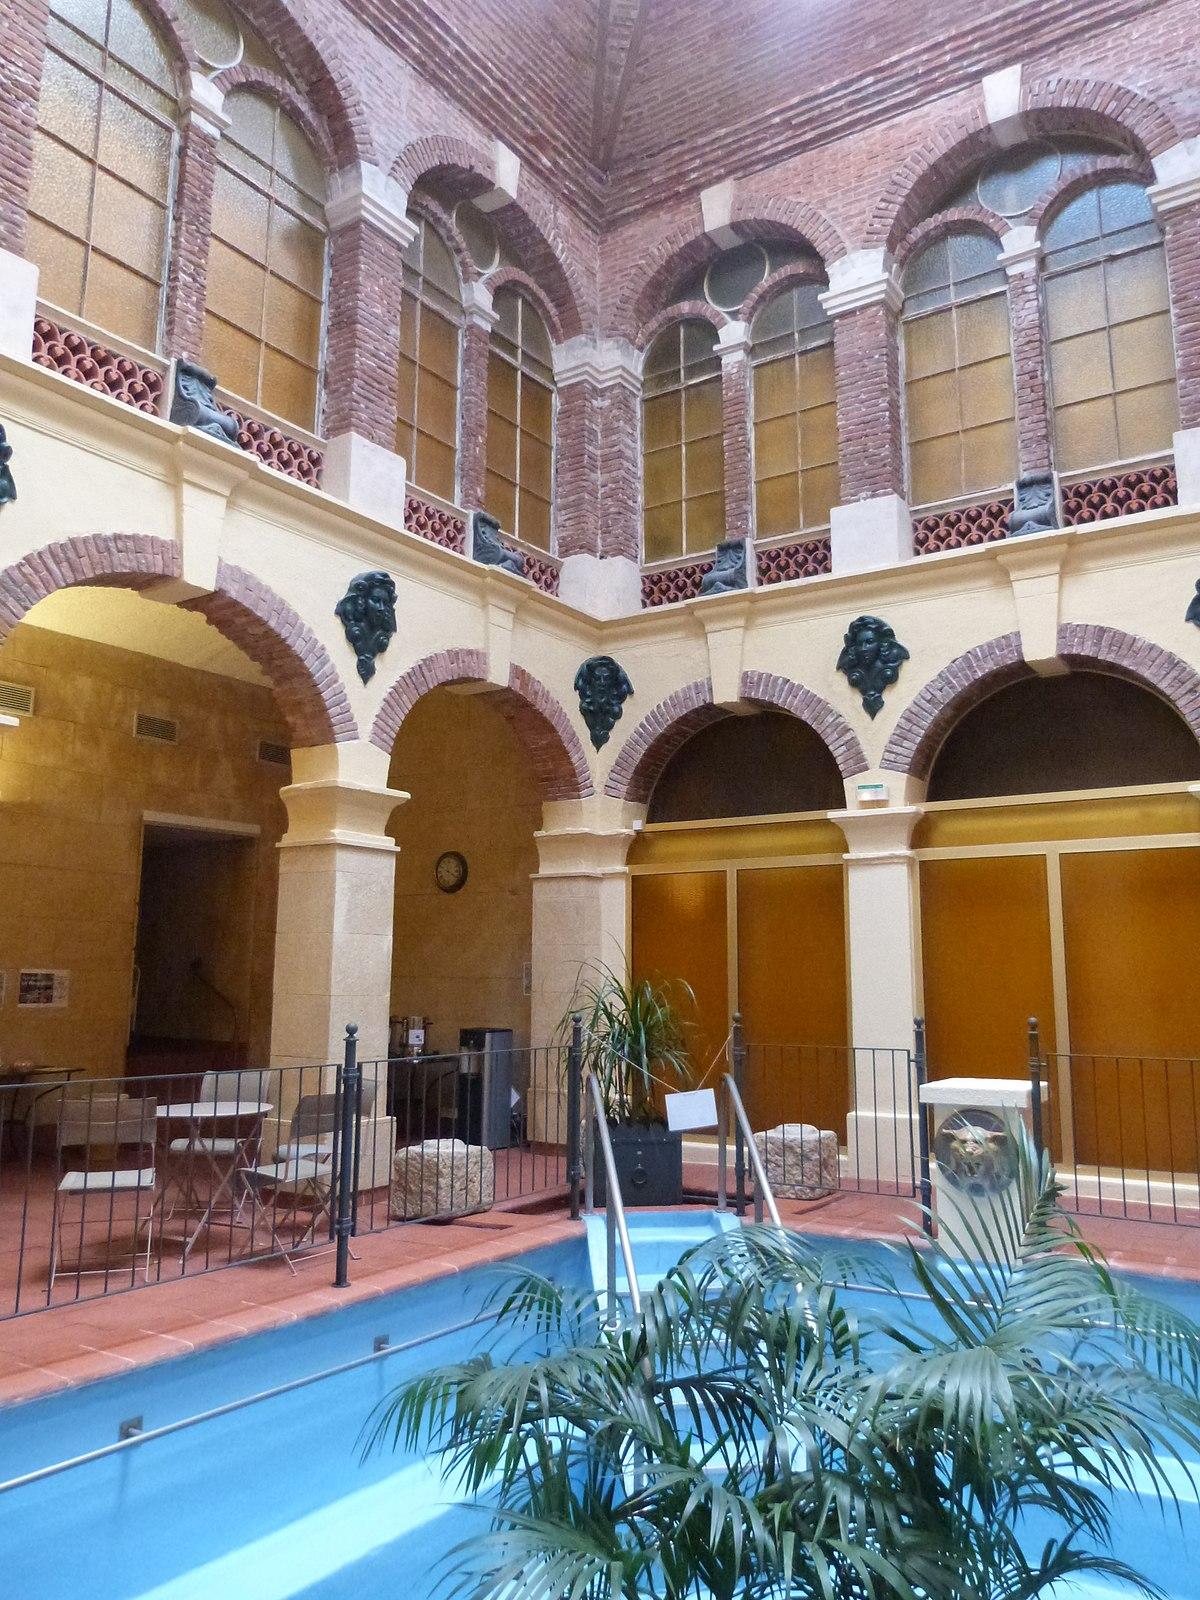 Thermes romains d 39 am lie les bains palalda wikip dia - Office de tourisme amelie les bains ...